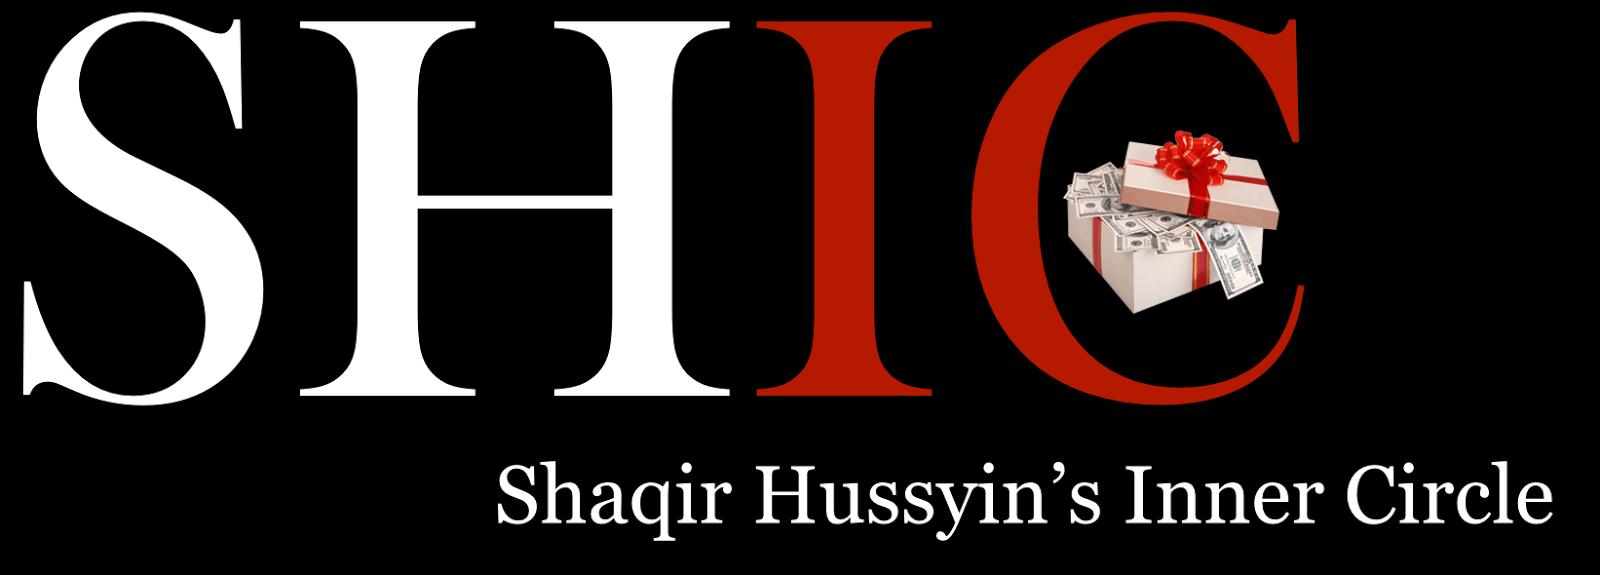 Shaqir Hussyin Inner Circle (SHIC)